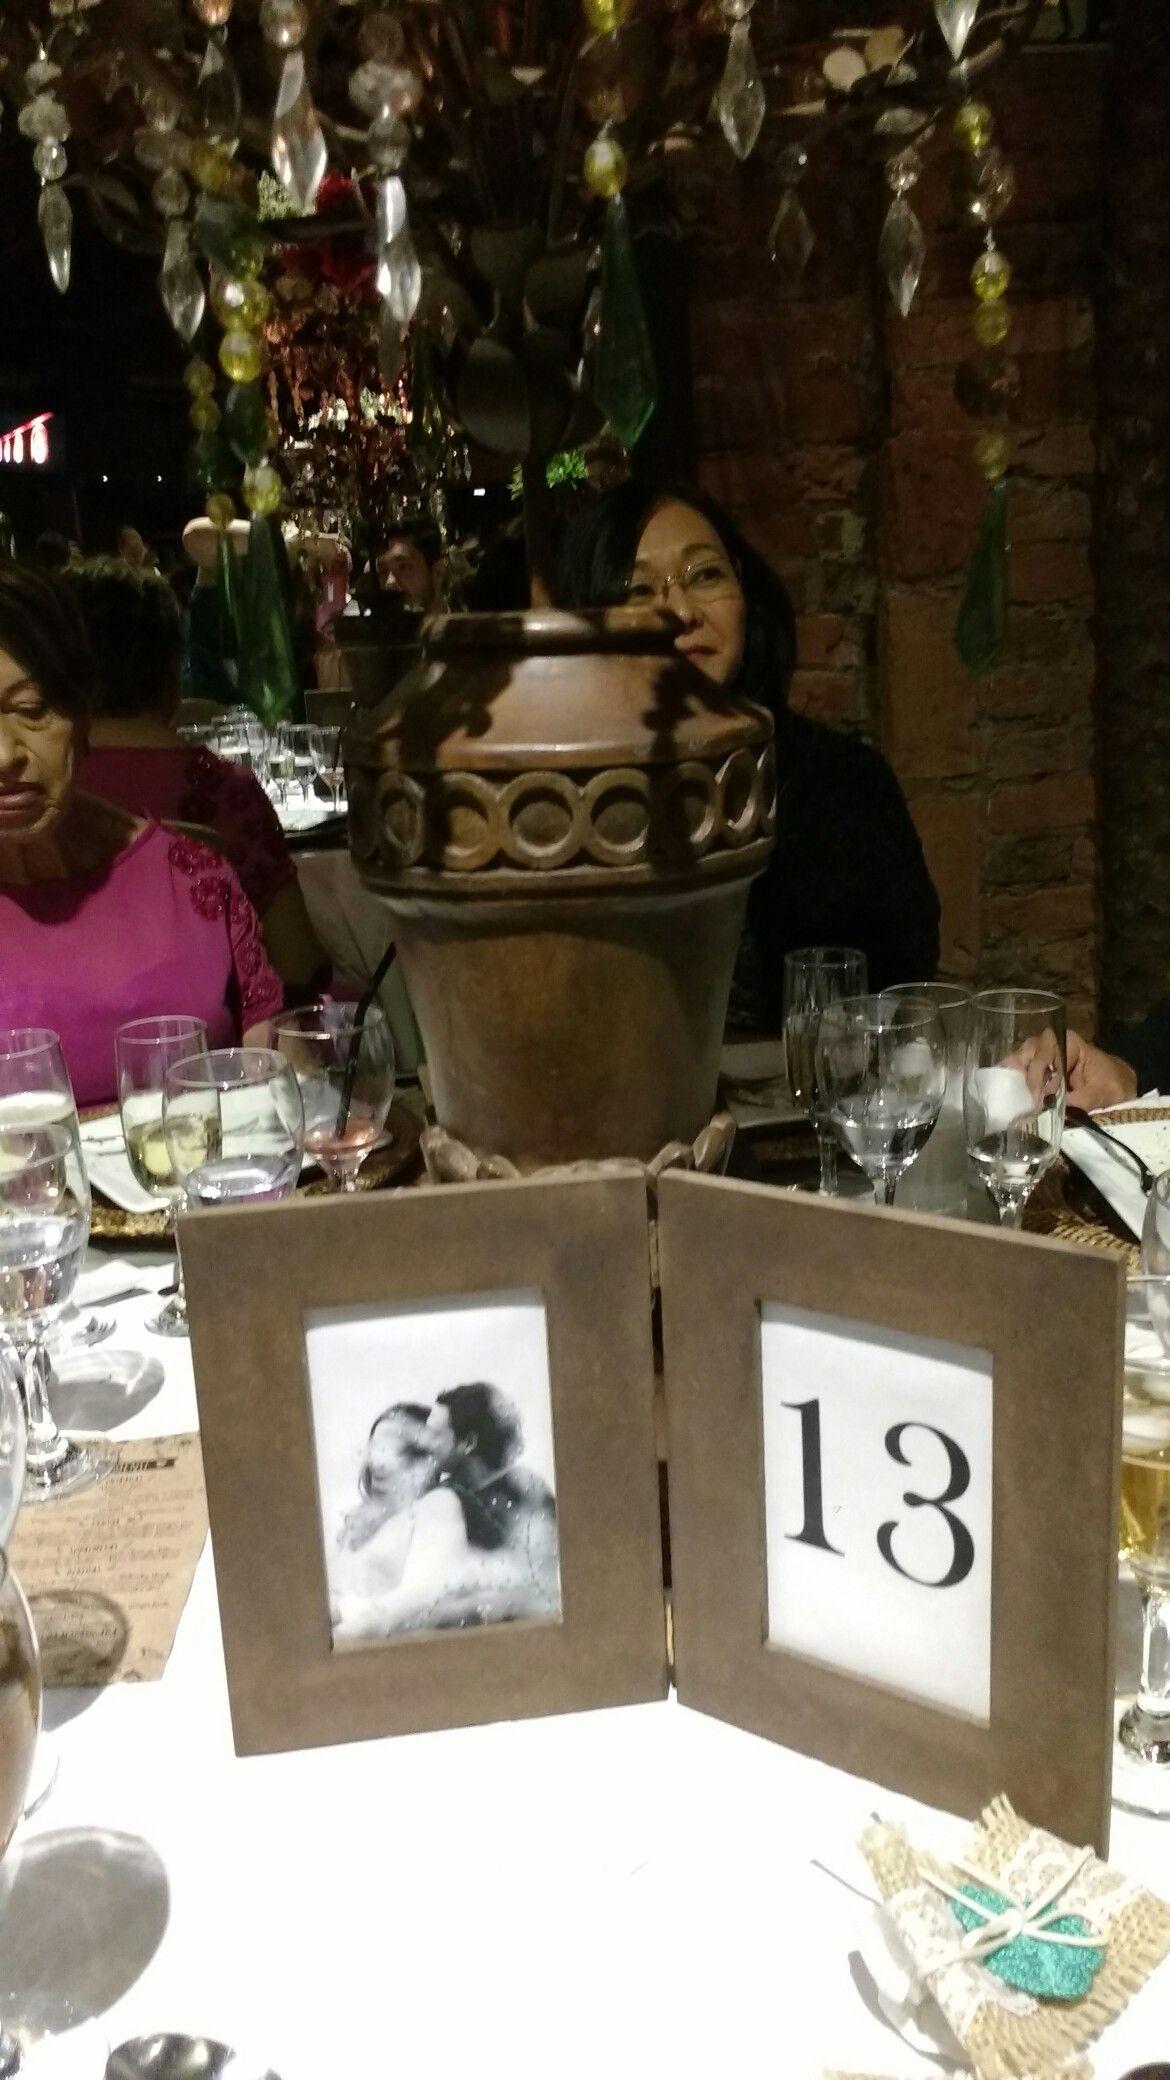 Número de mesa para casamento